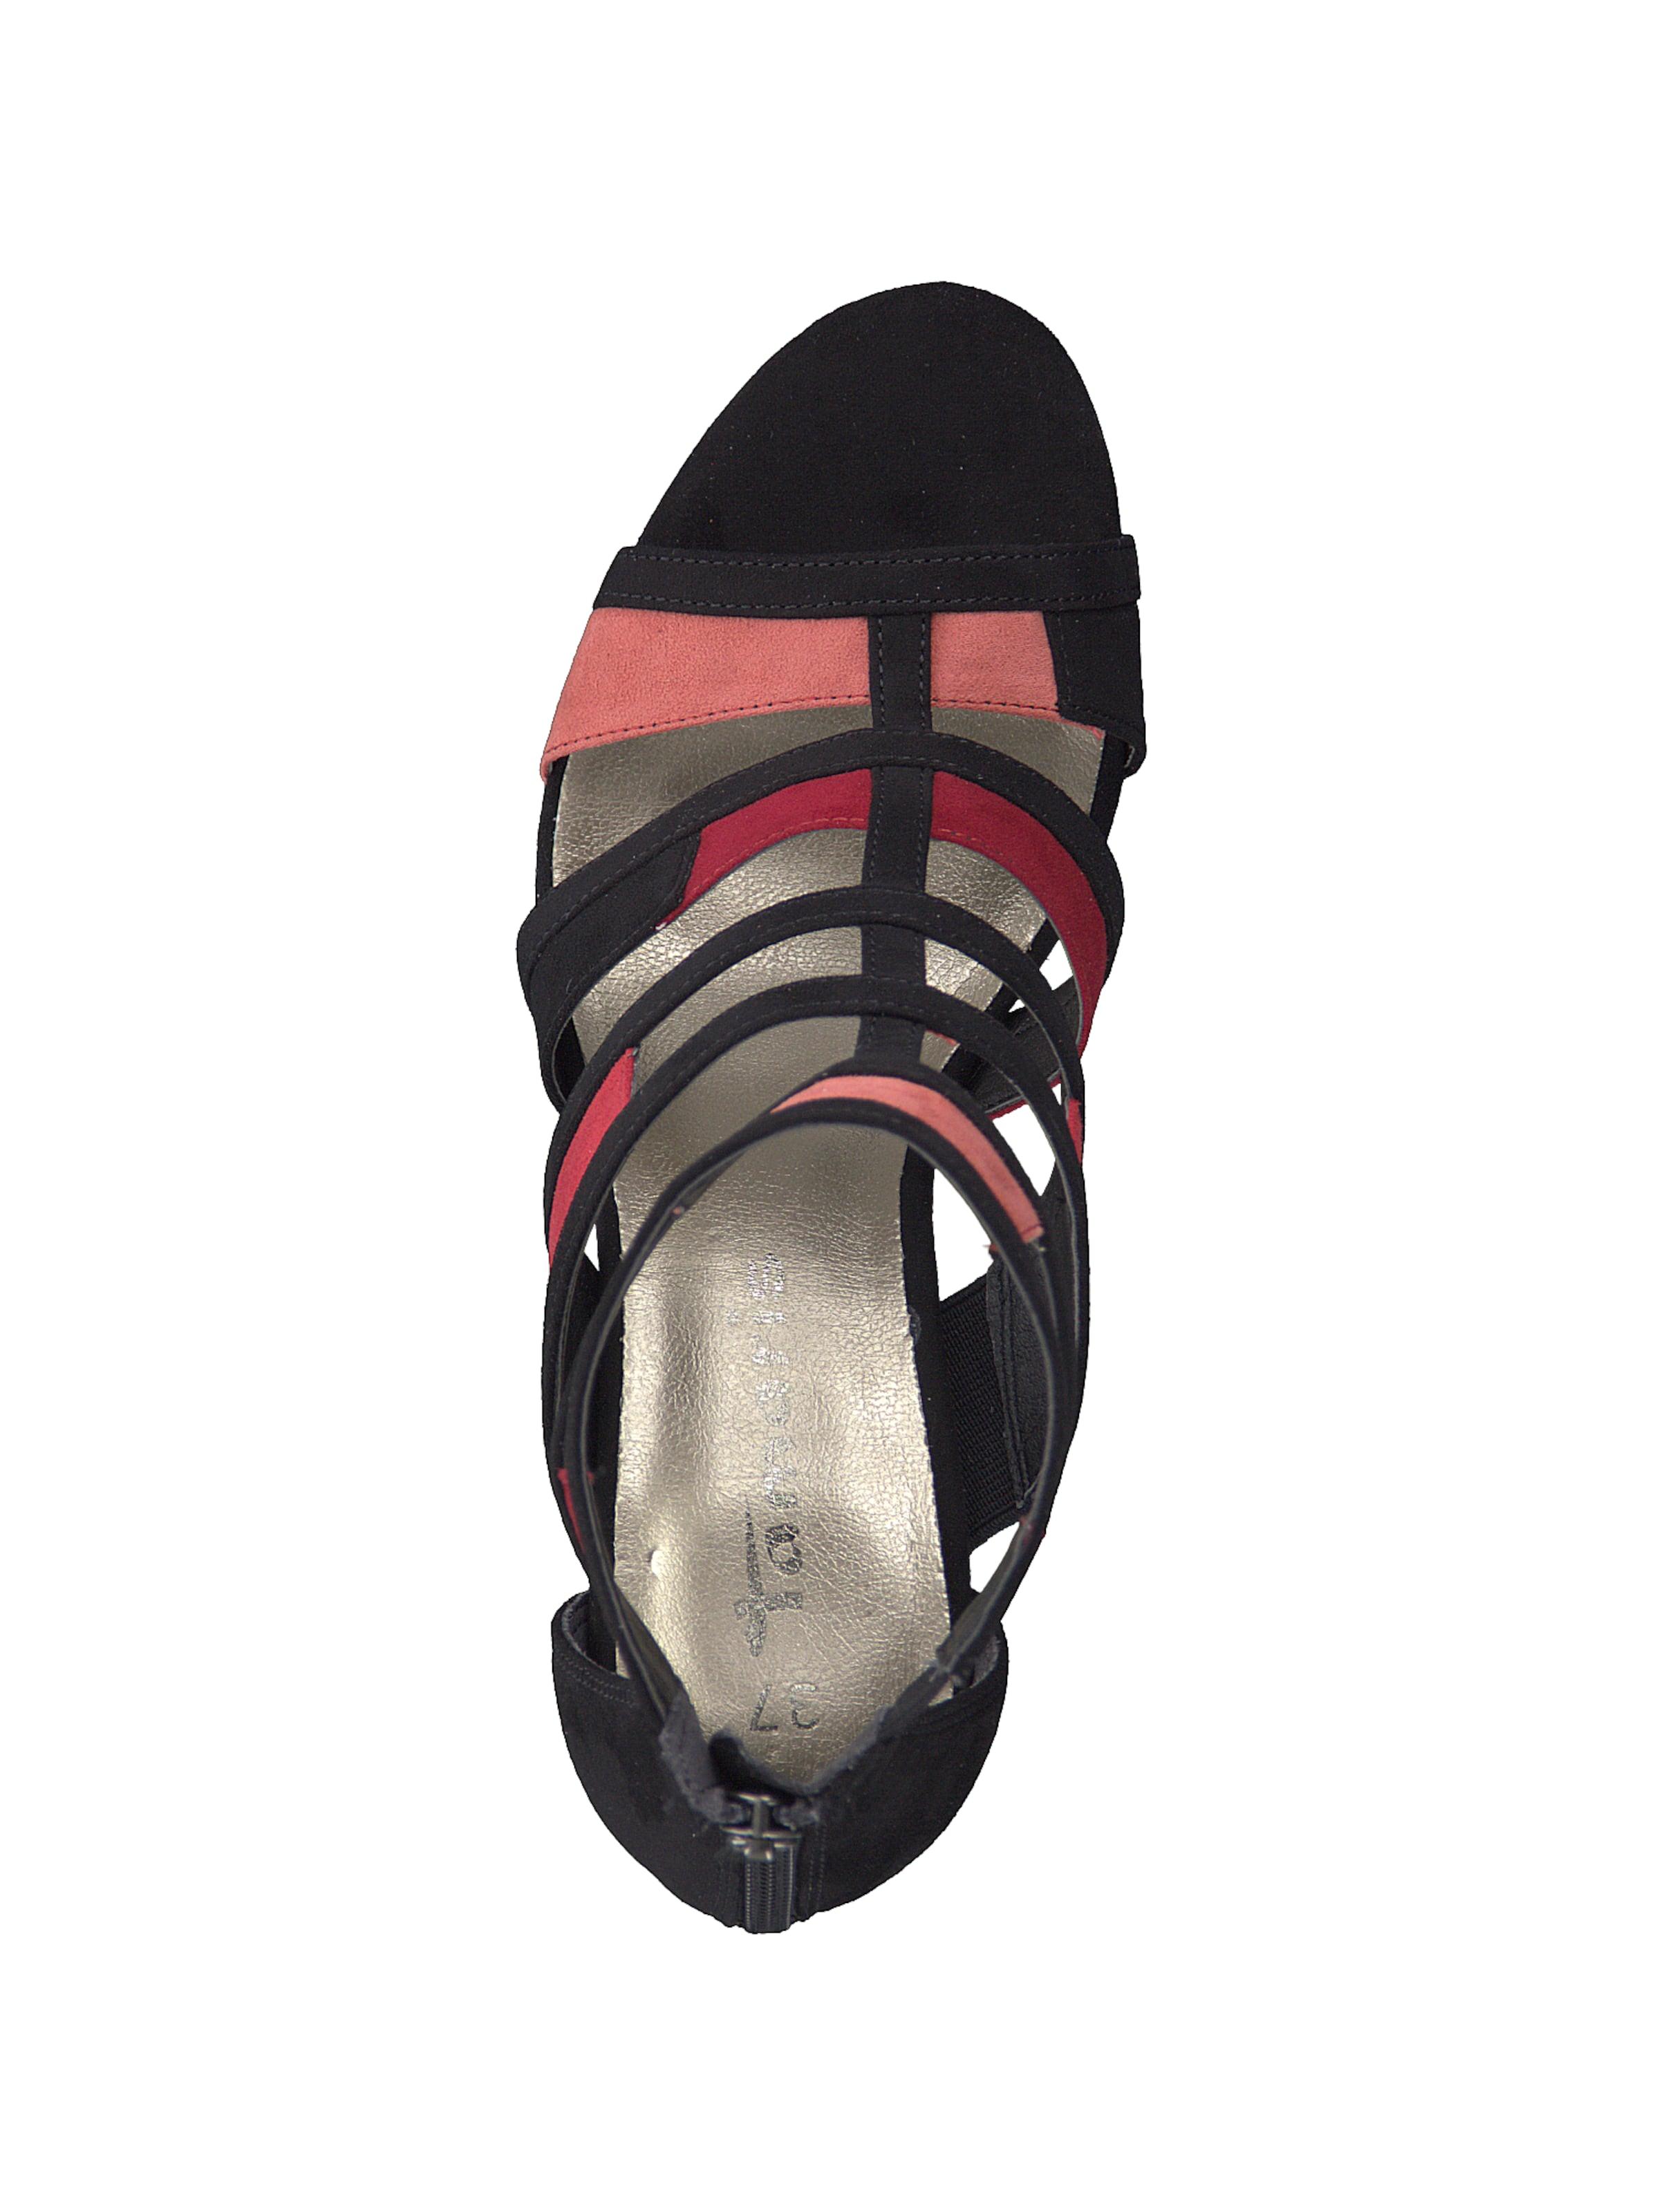 À RoseNoir Tamaris Sandales Heel Coloured' Lanières 'strappy En 5Rj4AL3